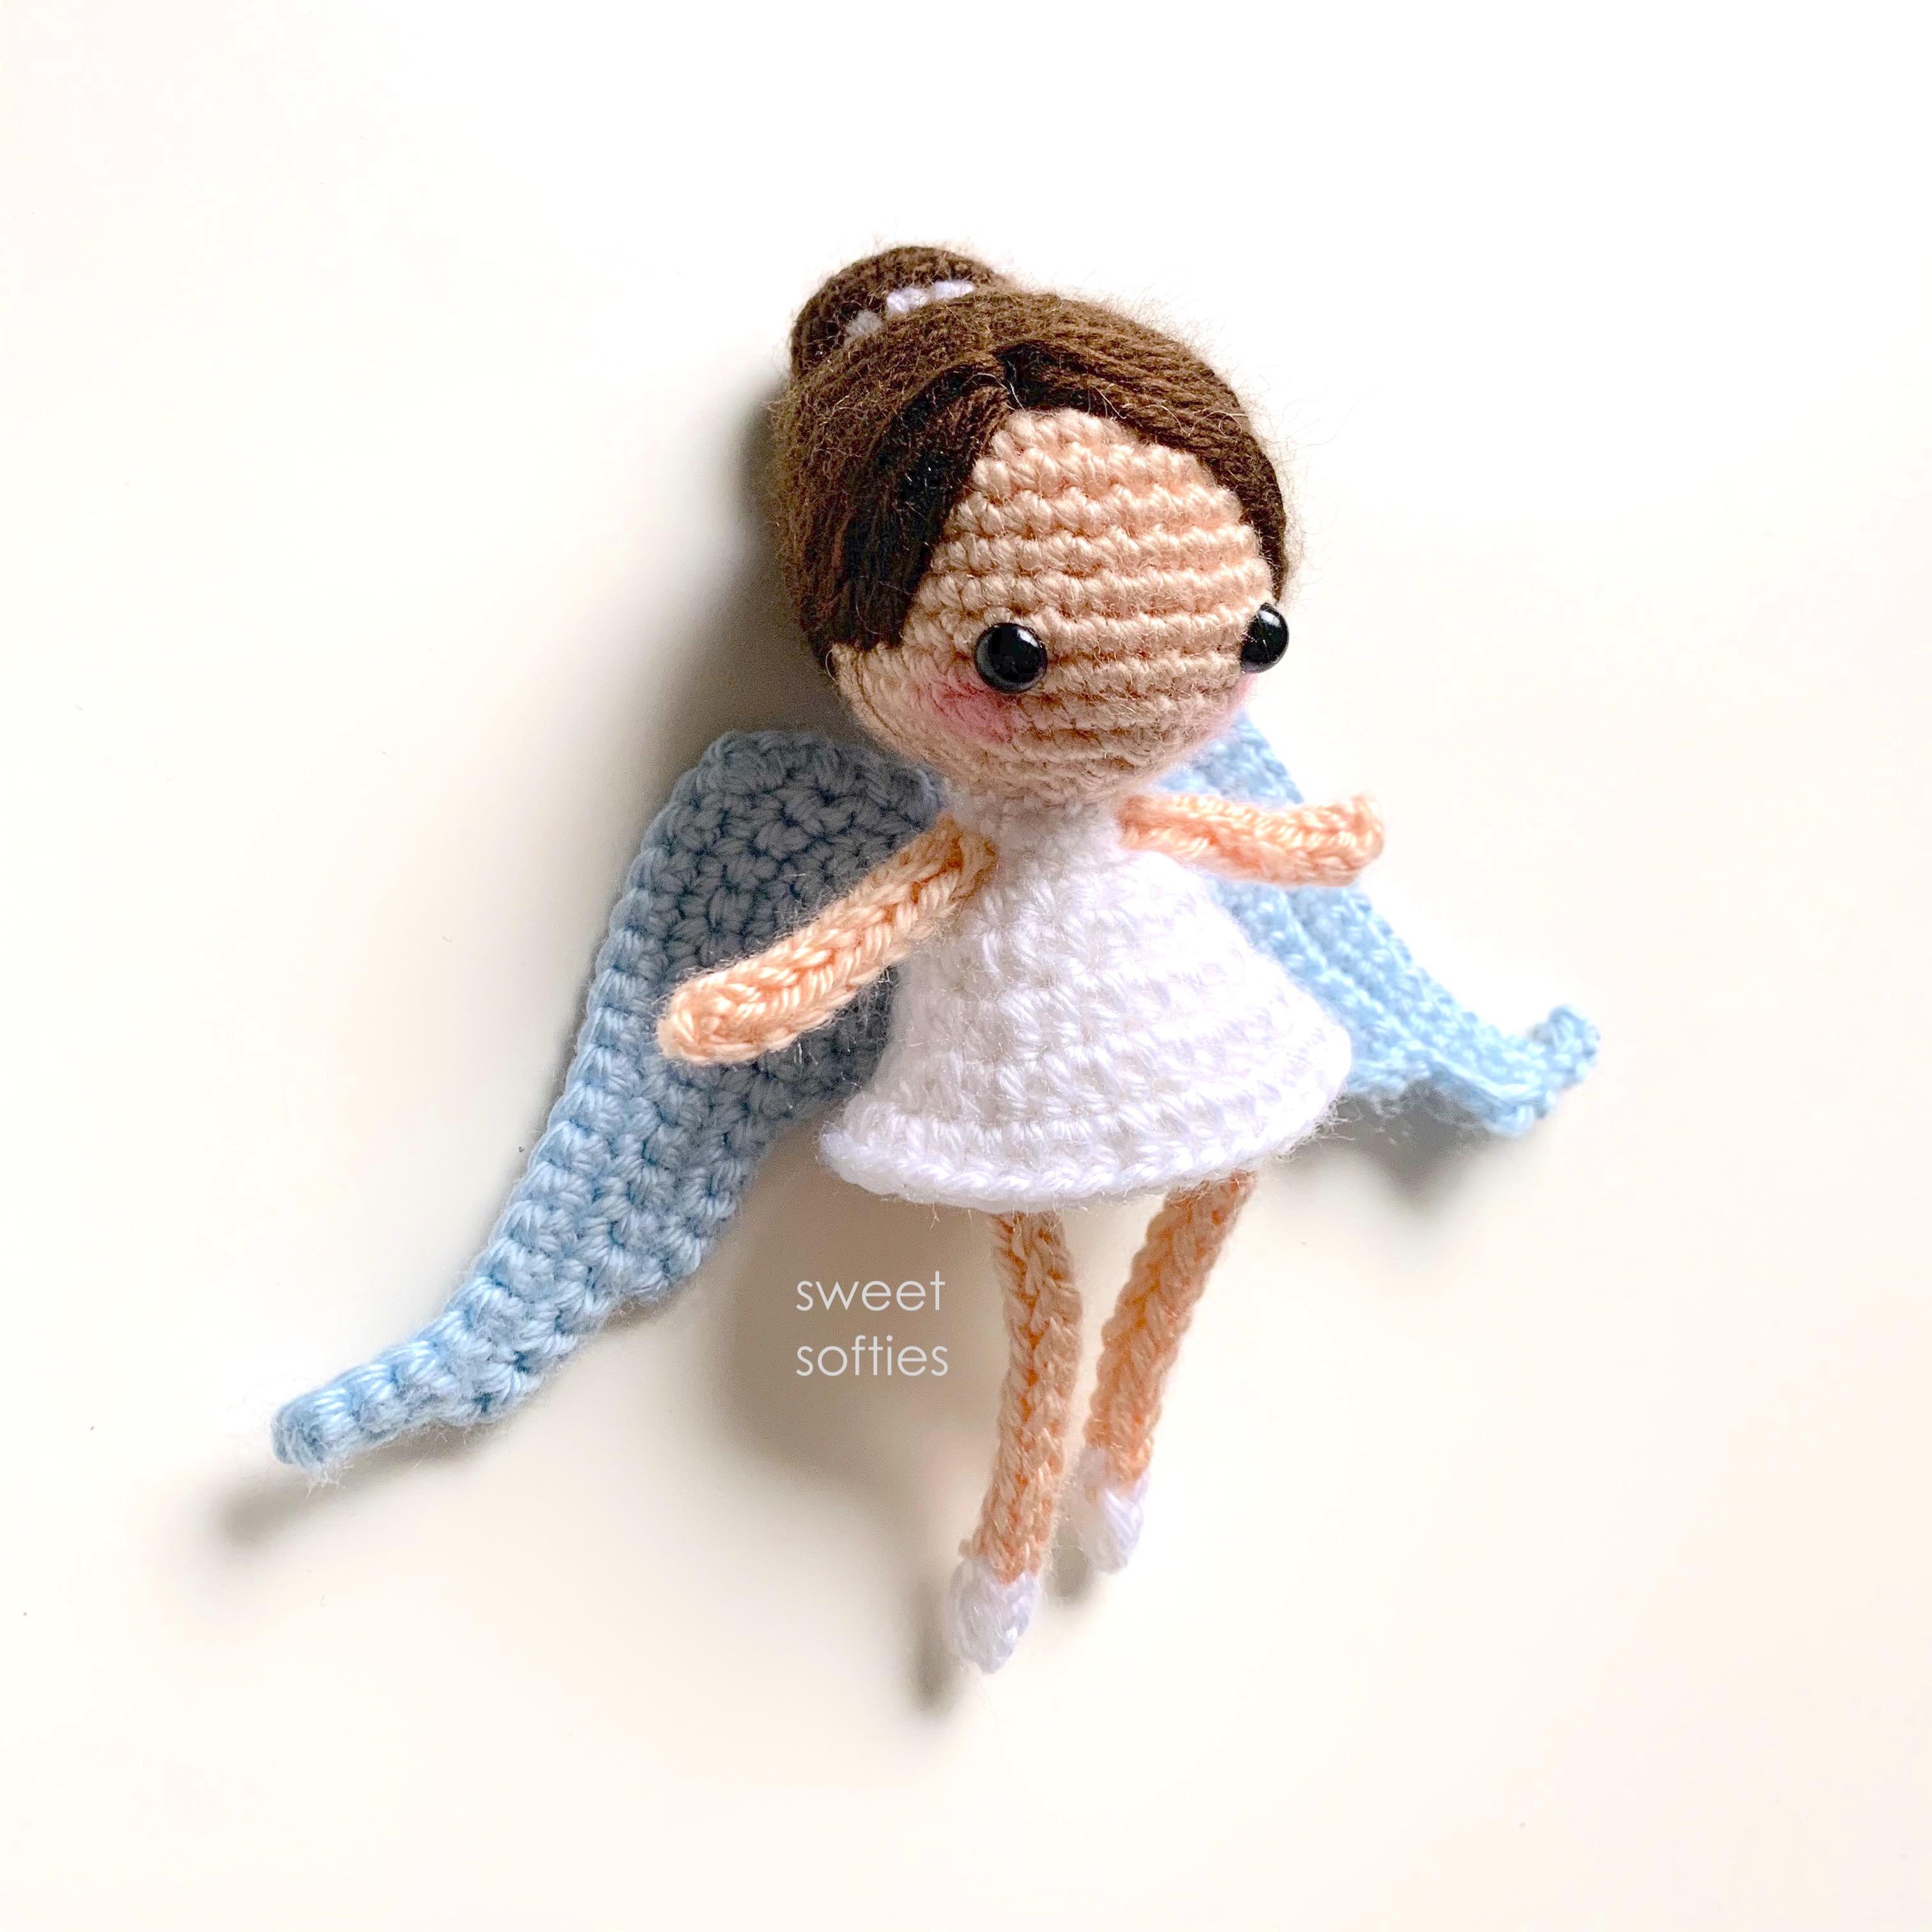 Angel Amigurumi - Free Crochet Pattern Loops & Love Crochet | 3024x3024